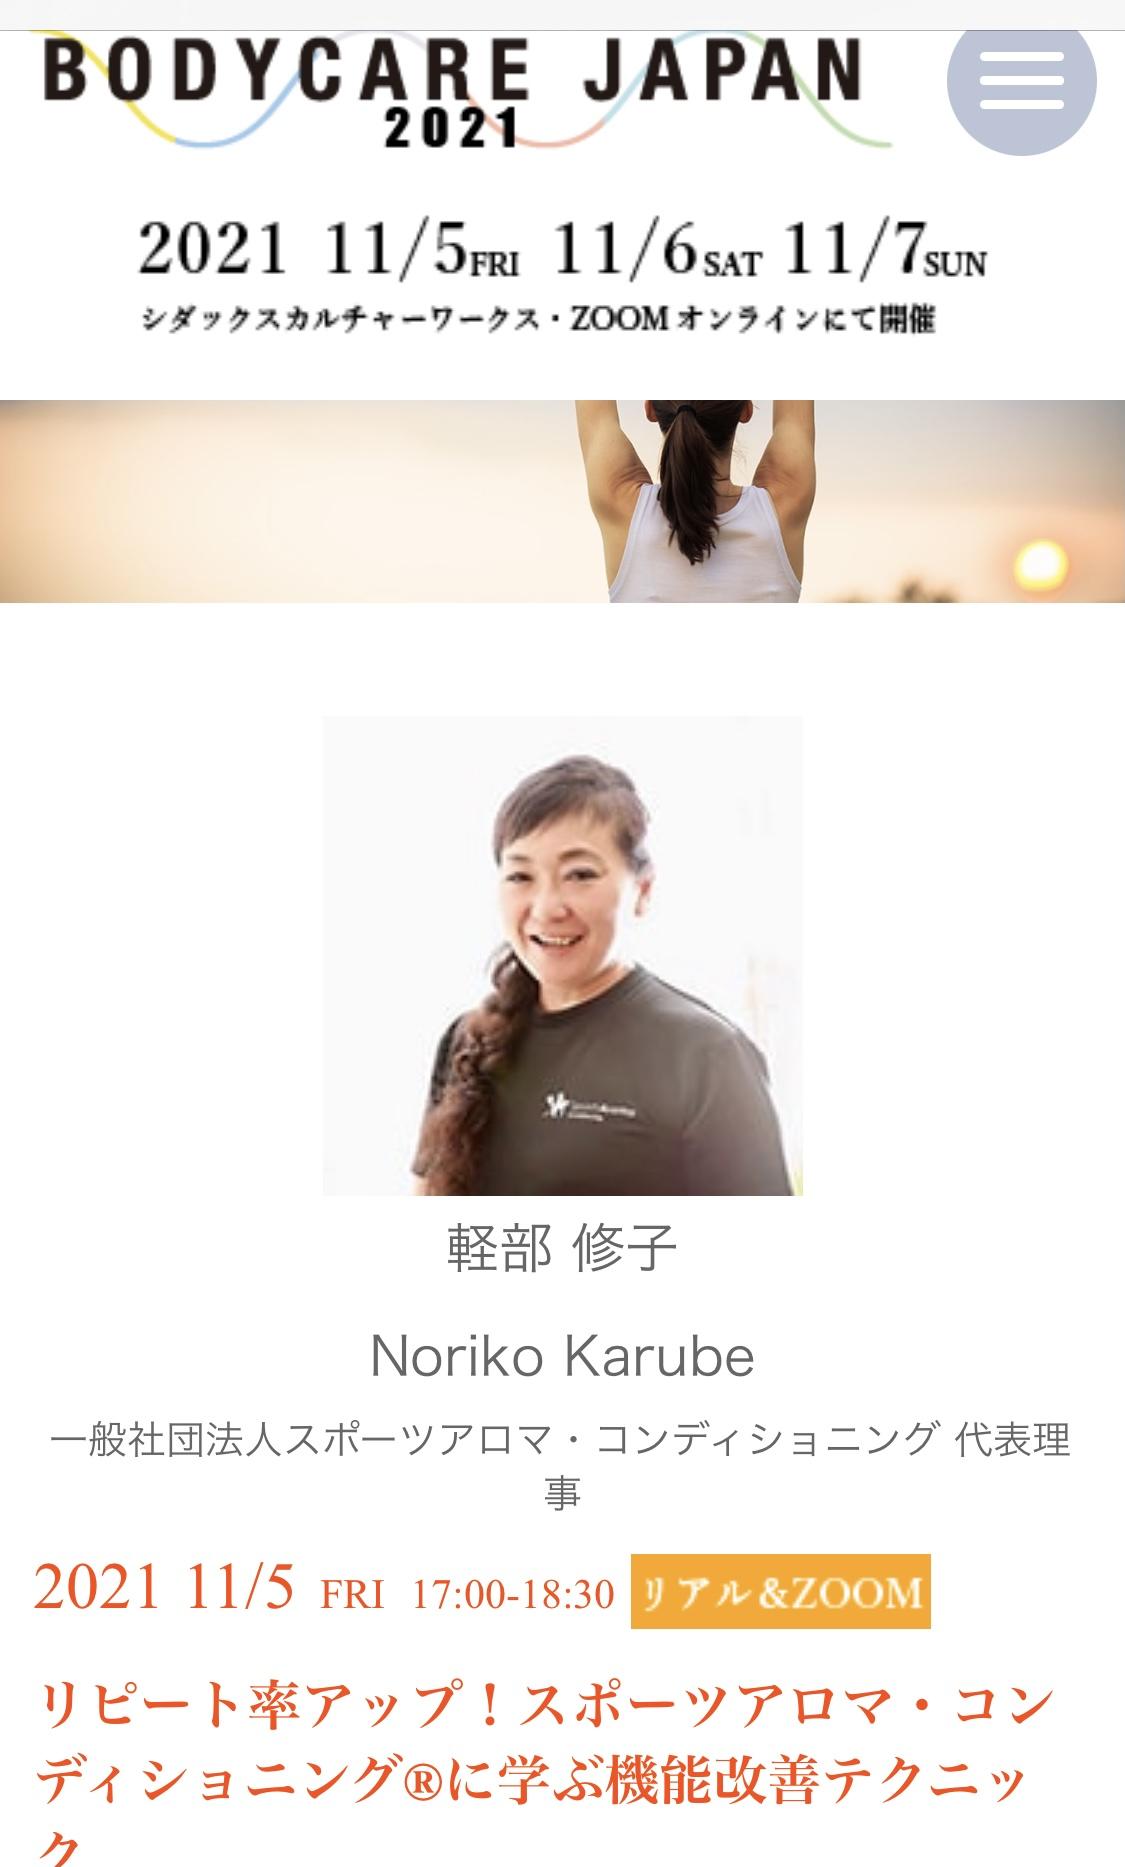 ボディケアジャパン2021に登壇させて頂ます。